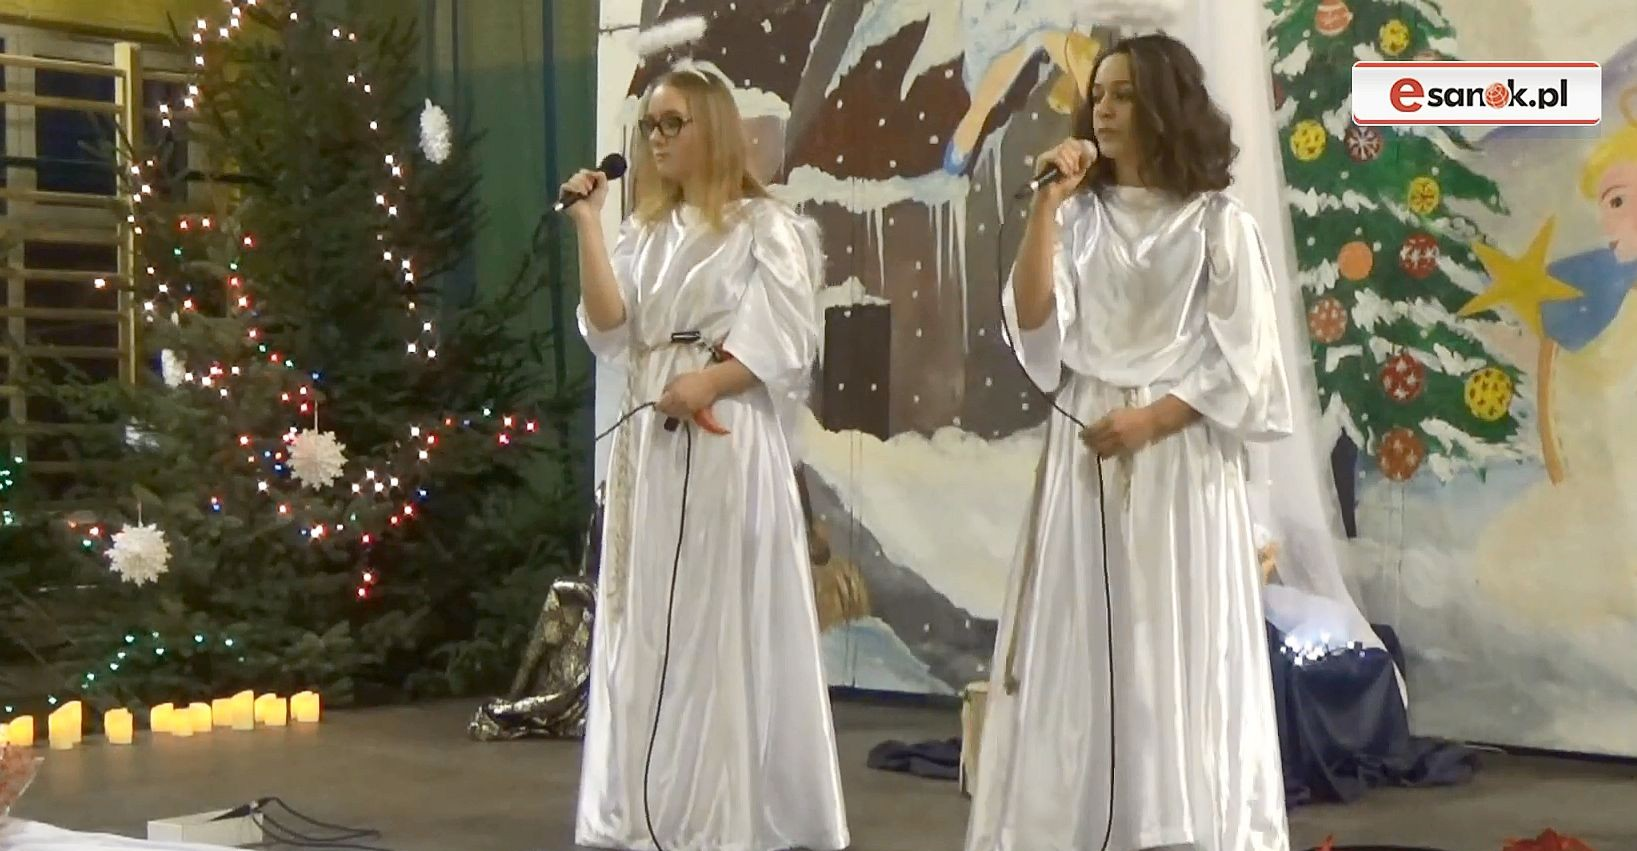 NOWOTANIEC: Magia świąt unosiła się w powietrzu (VIDEO)